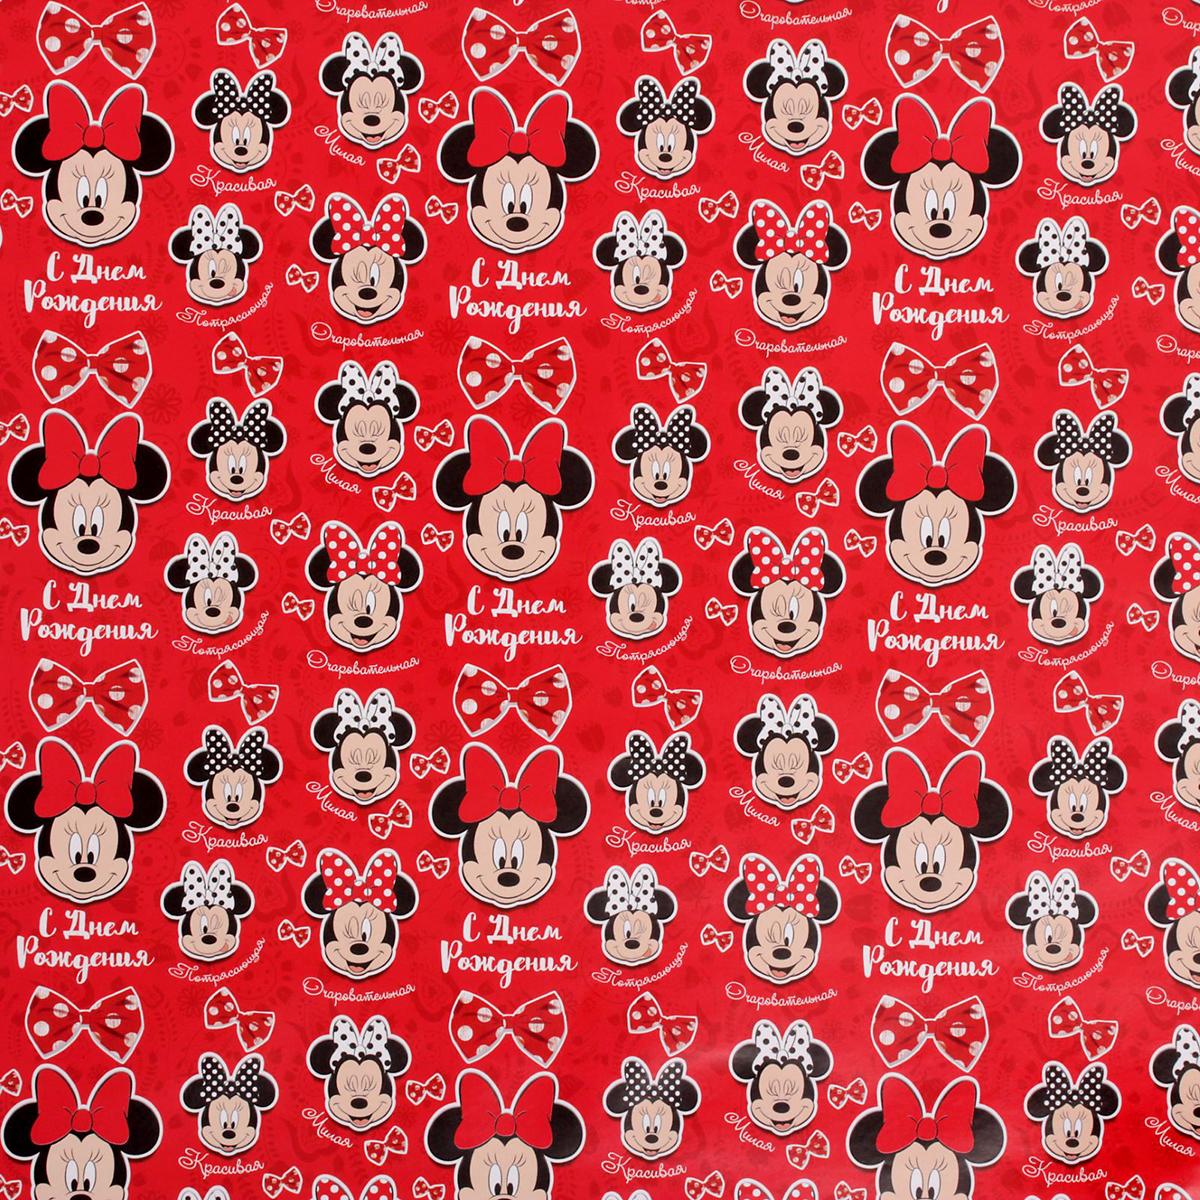 Бумага упаковочная Disney С Днем Рождения. Минни Маус, глянцевая, 50 х 70 см. 23910852391085Удивительный мир Disney теперь совсем близко! Любимые герои и сюжеты в эксклюзивном дизайне превращают любое изделие в современное произведение искусства с голливудским характером. Подарочная глянцевая бумага отличается высоким качеством печати и плотностью материала, что делает её удобной в вопросе оформления подарков.